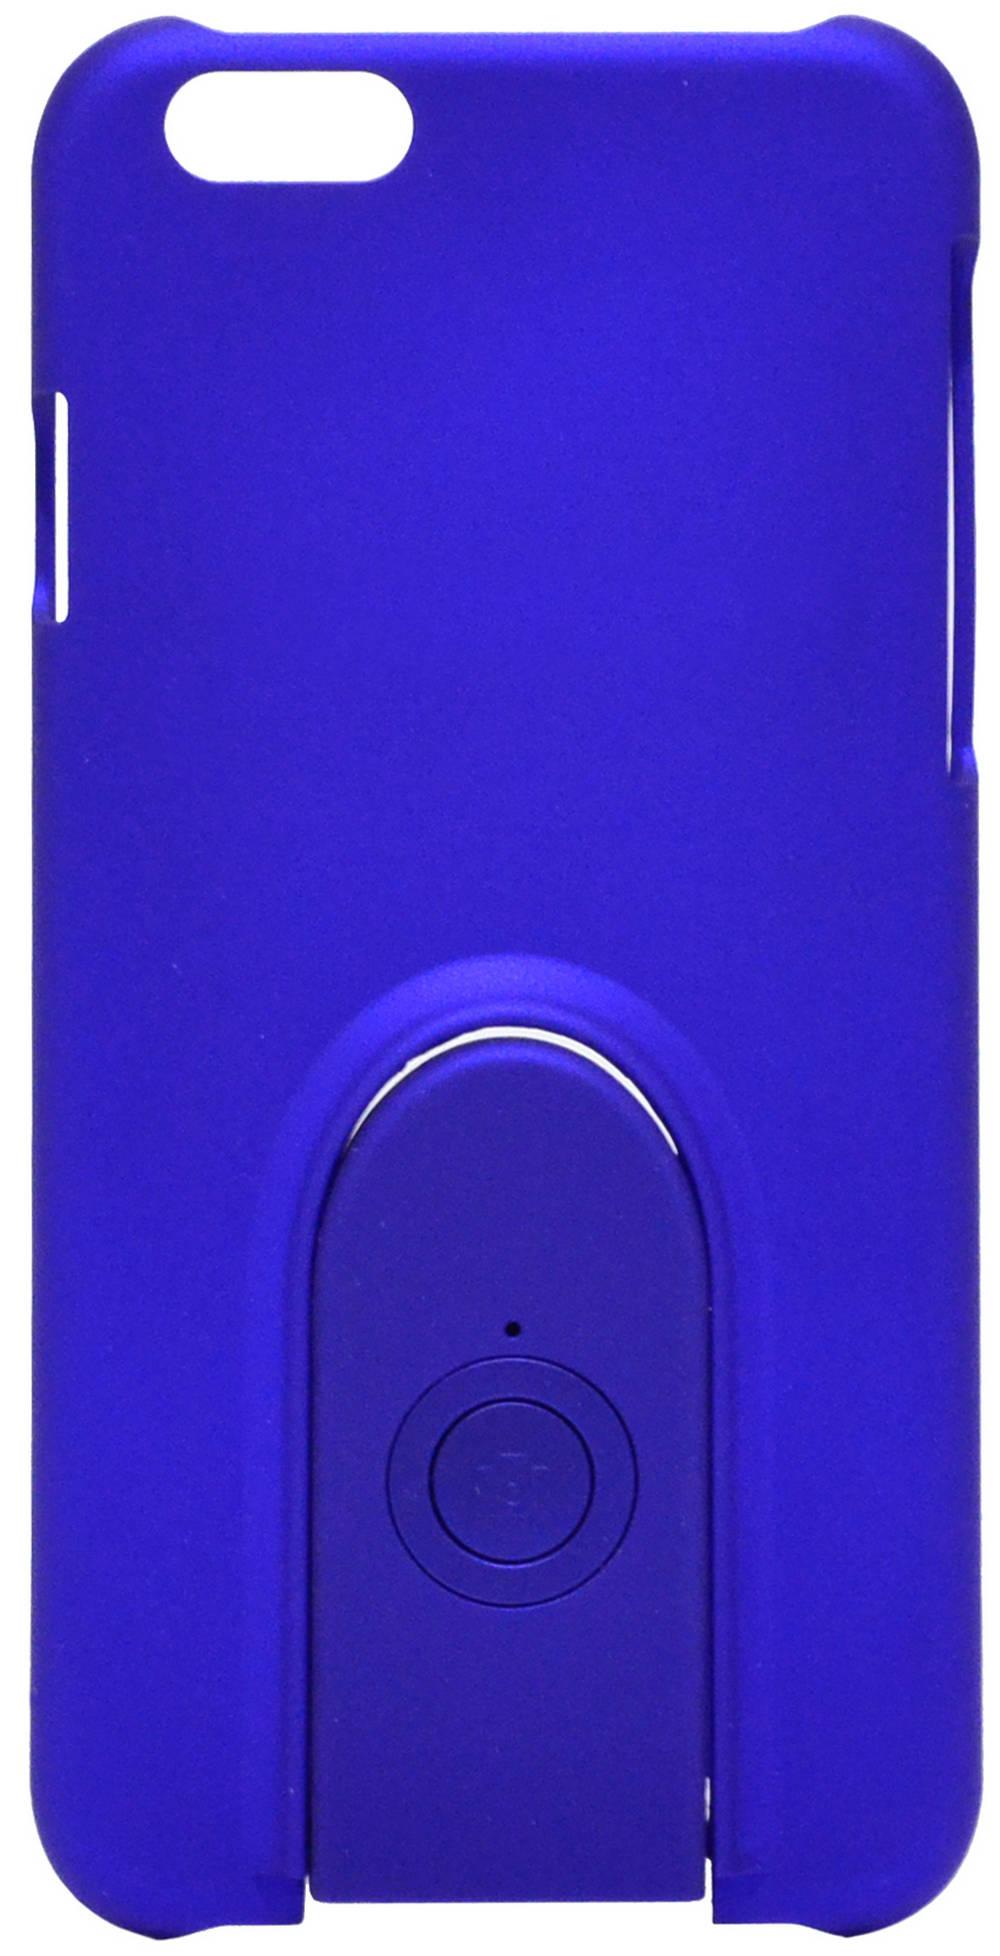 Θήκη Faceplate Monopod Wireless Selfie για Apple iPhone 6/6S Velvet Feel Μπλέ με Αποσπώμενο Χειριστήριο Bluetooth